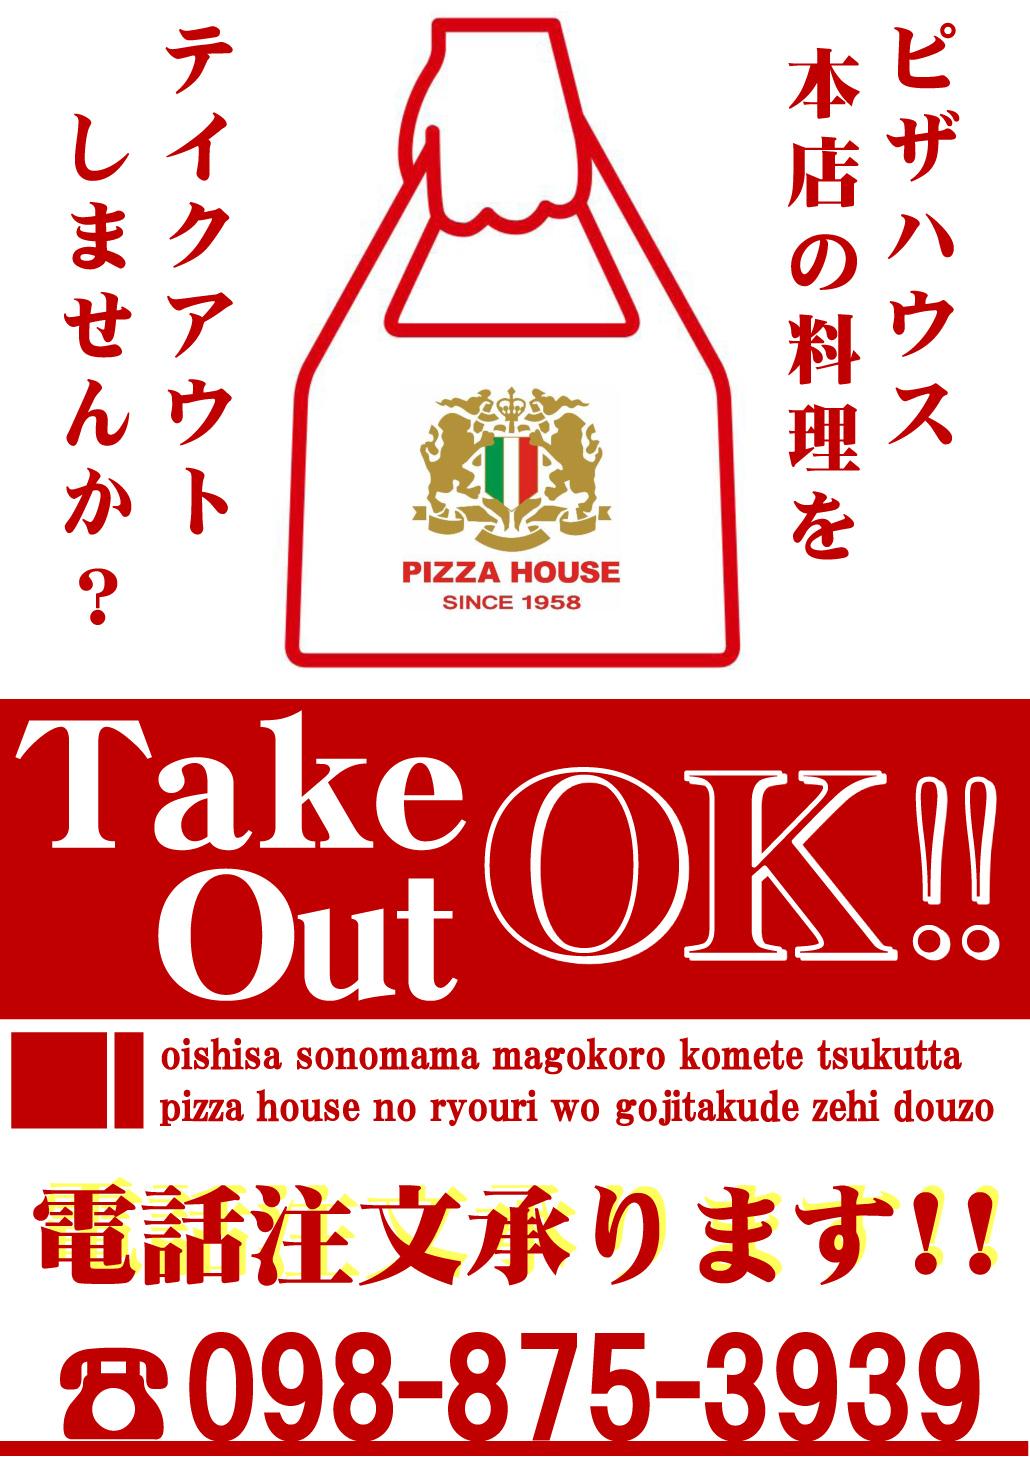 ピザハウス本店 テイクアウトOK!